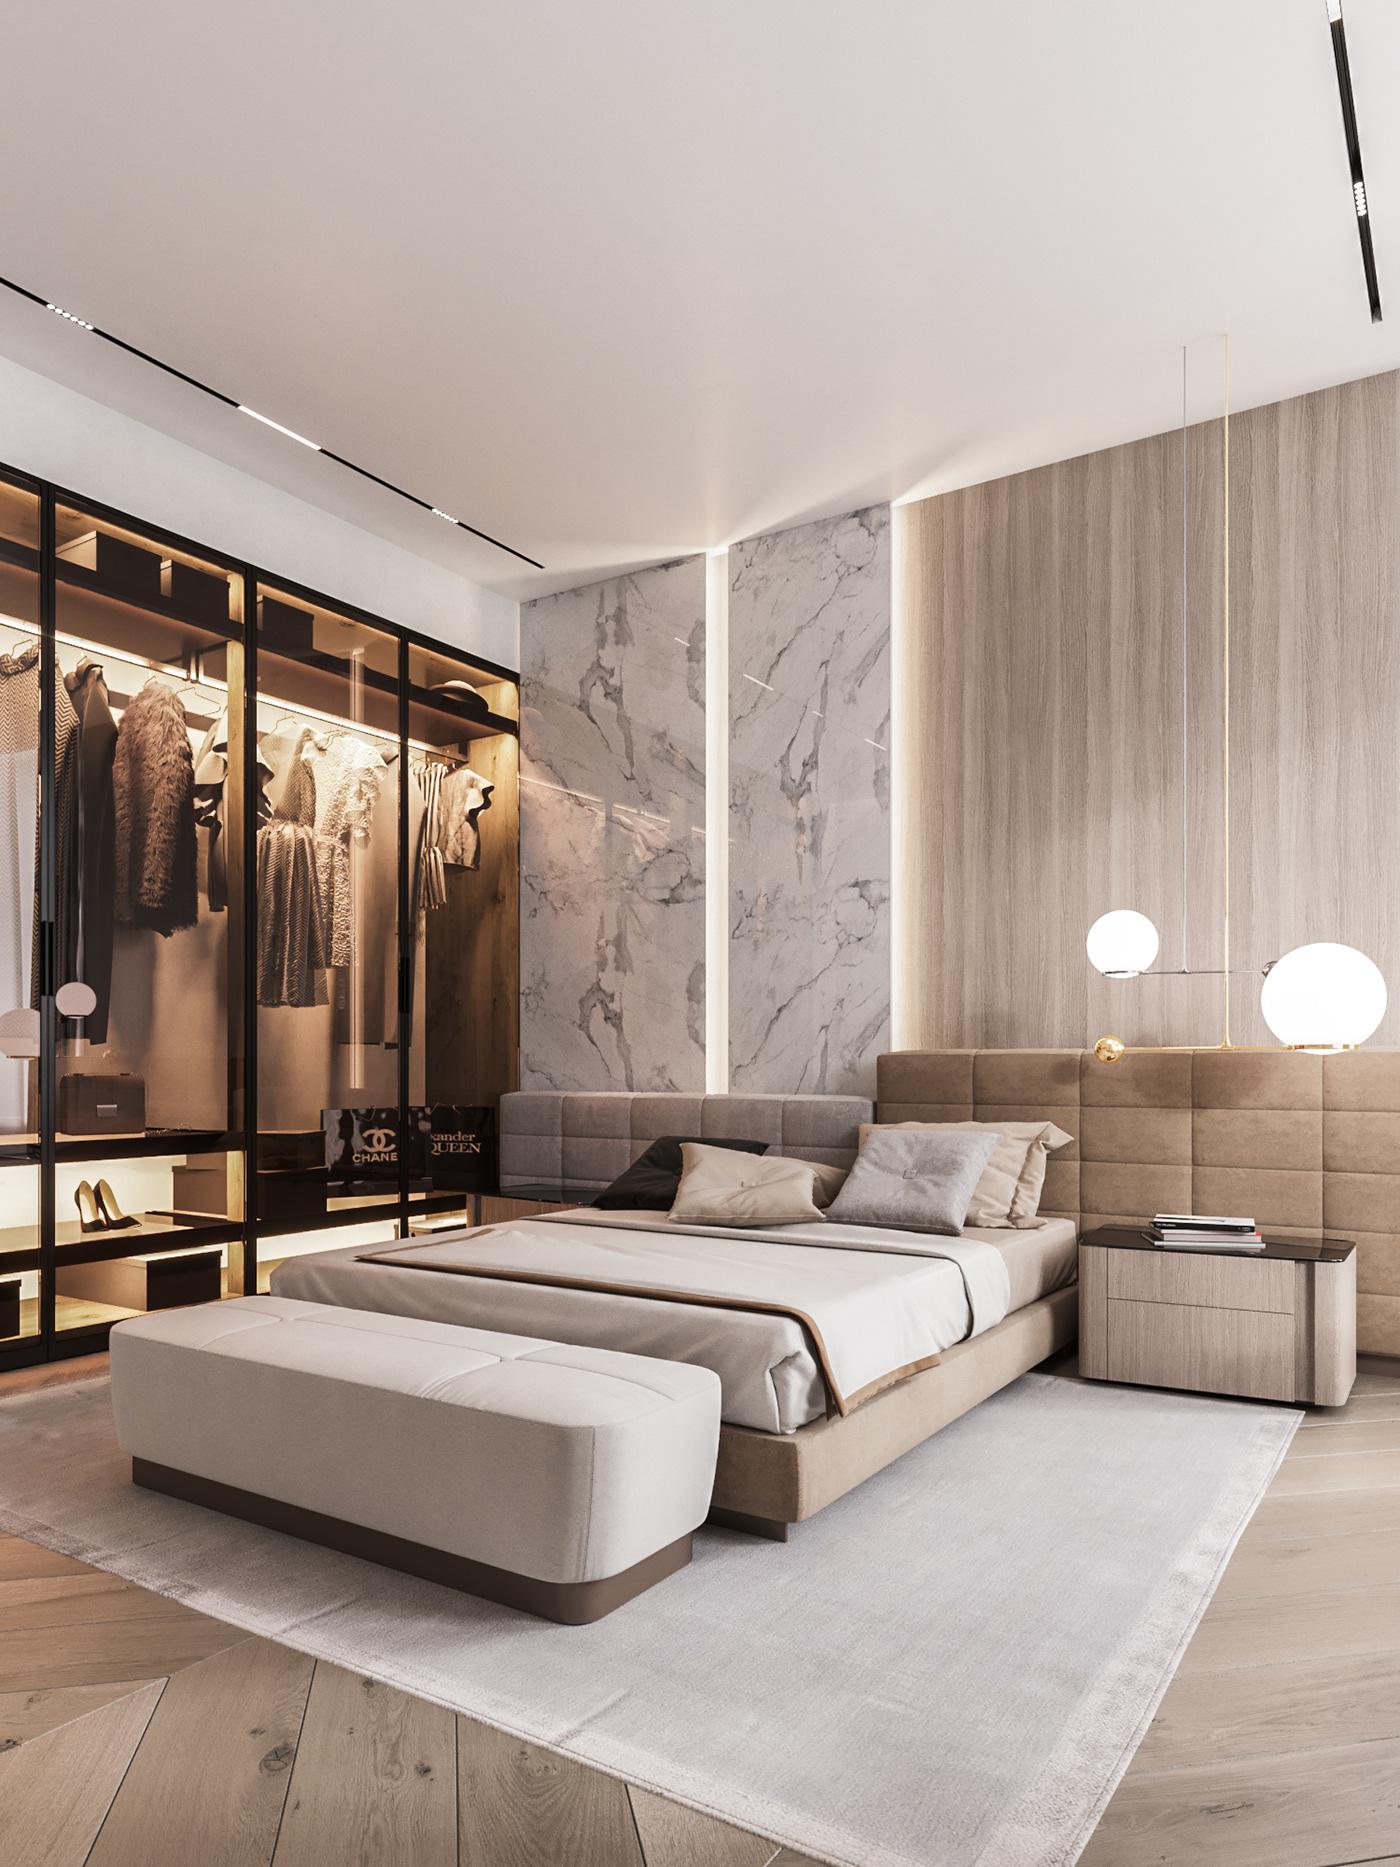 Kiến trúc sư tư vấn thiết kế ngôi nhà cấp 4 diện tích 120m² chi phí 150 triệu đồng - Ảnh 8.